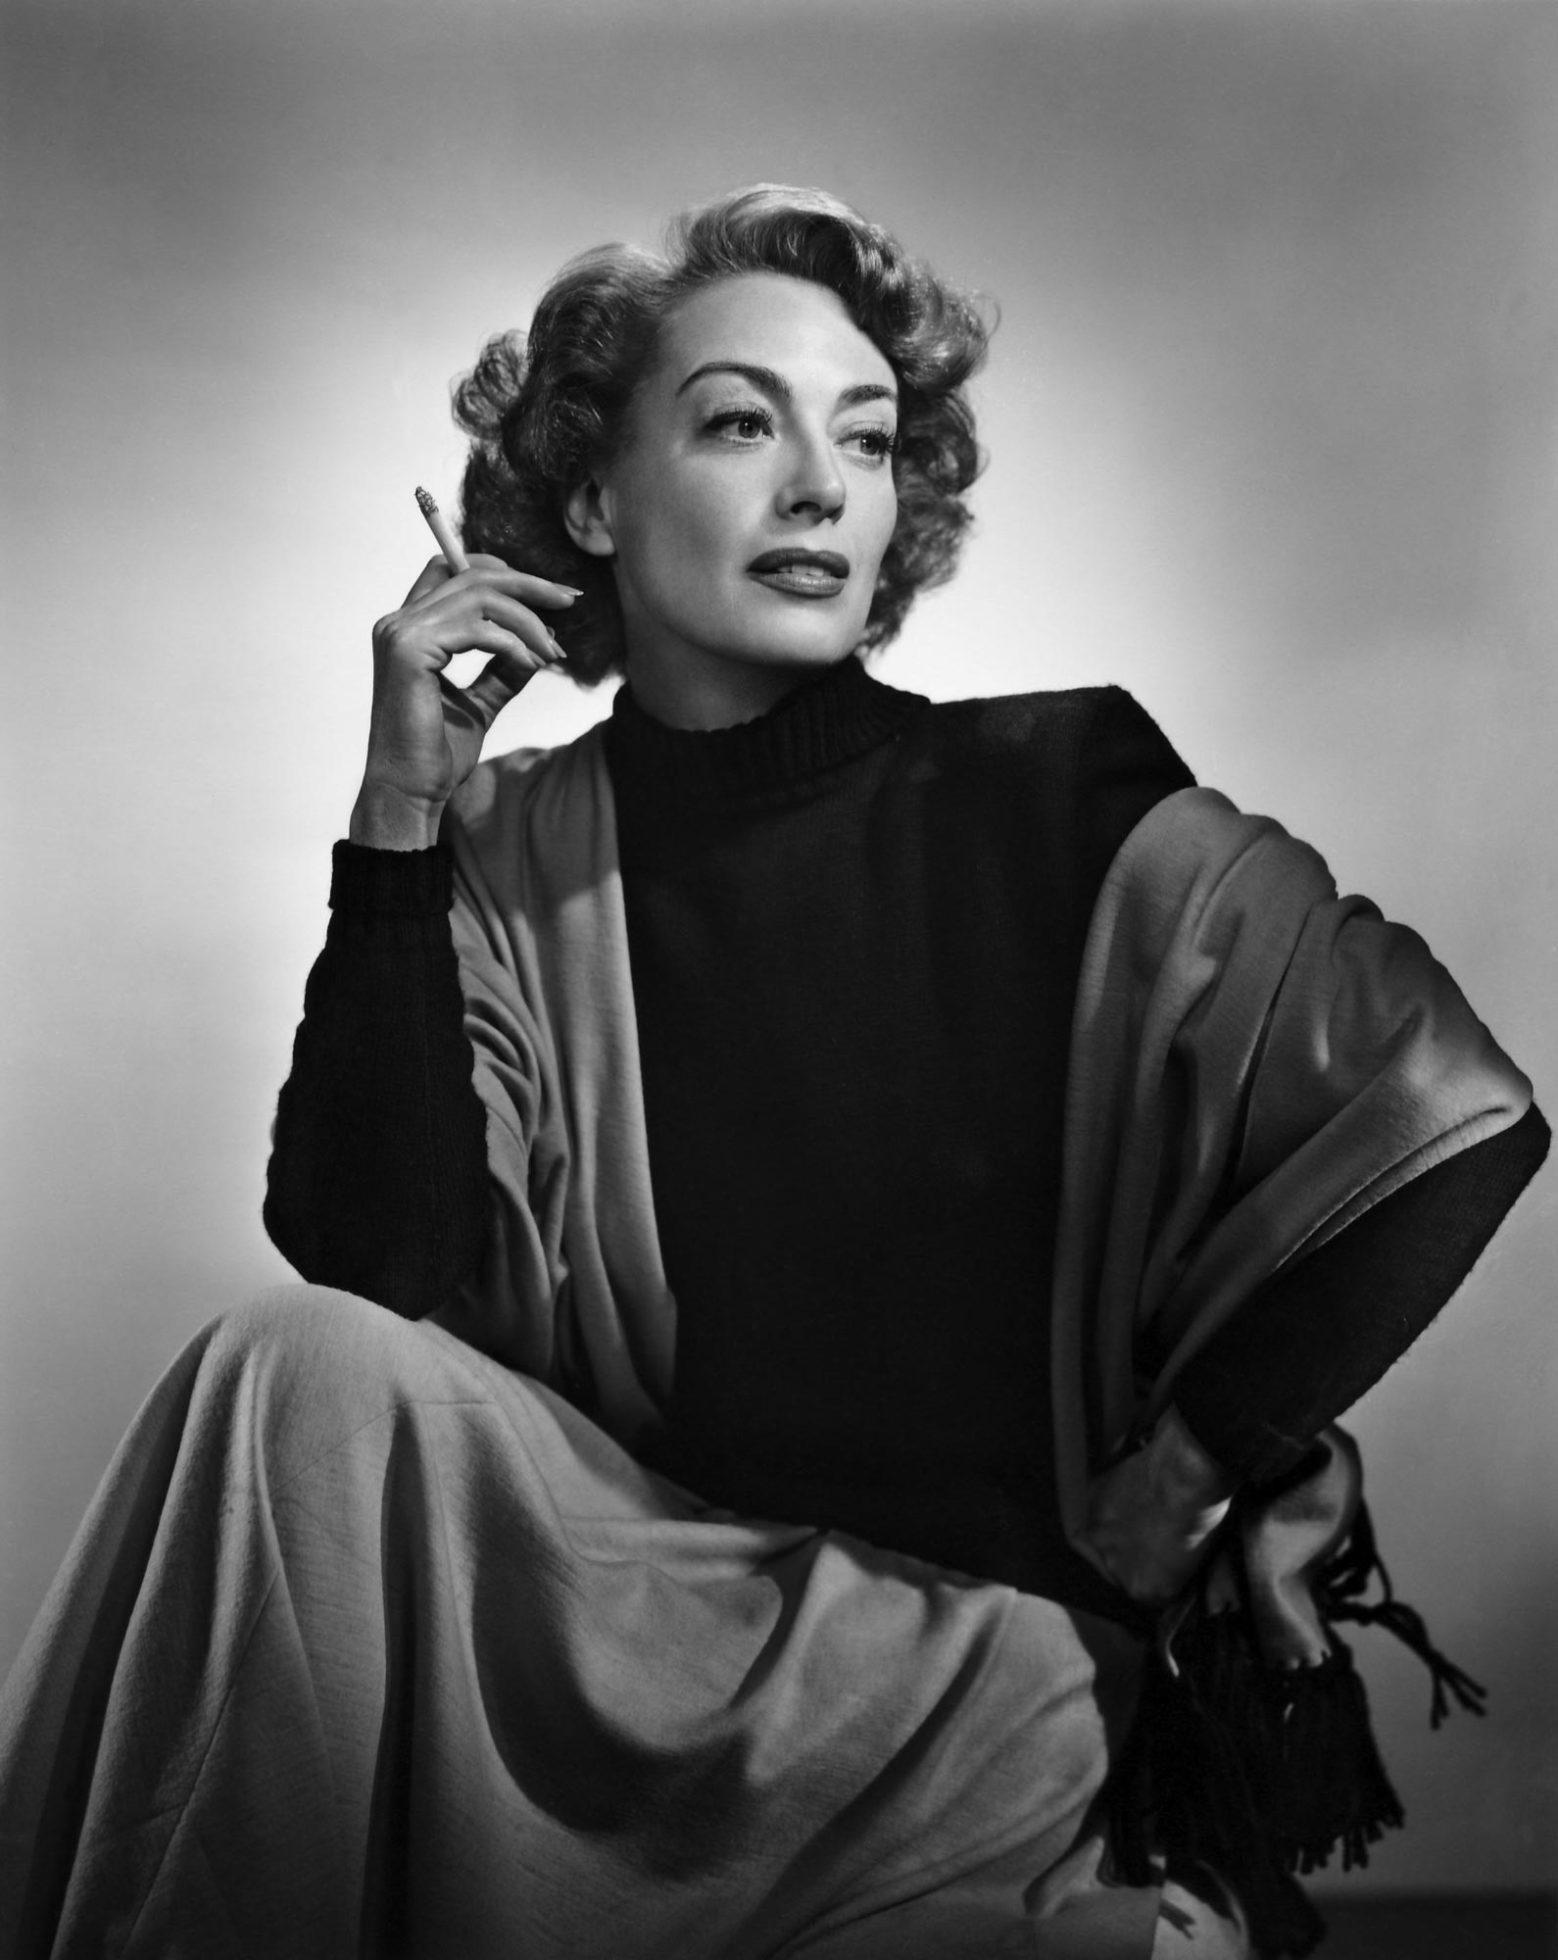 Fotó: Yousuf Karsh: Joan Crawford, 1948 © Yousuf Karsh